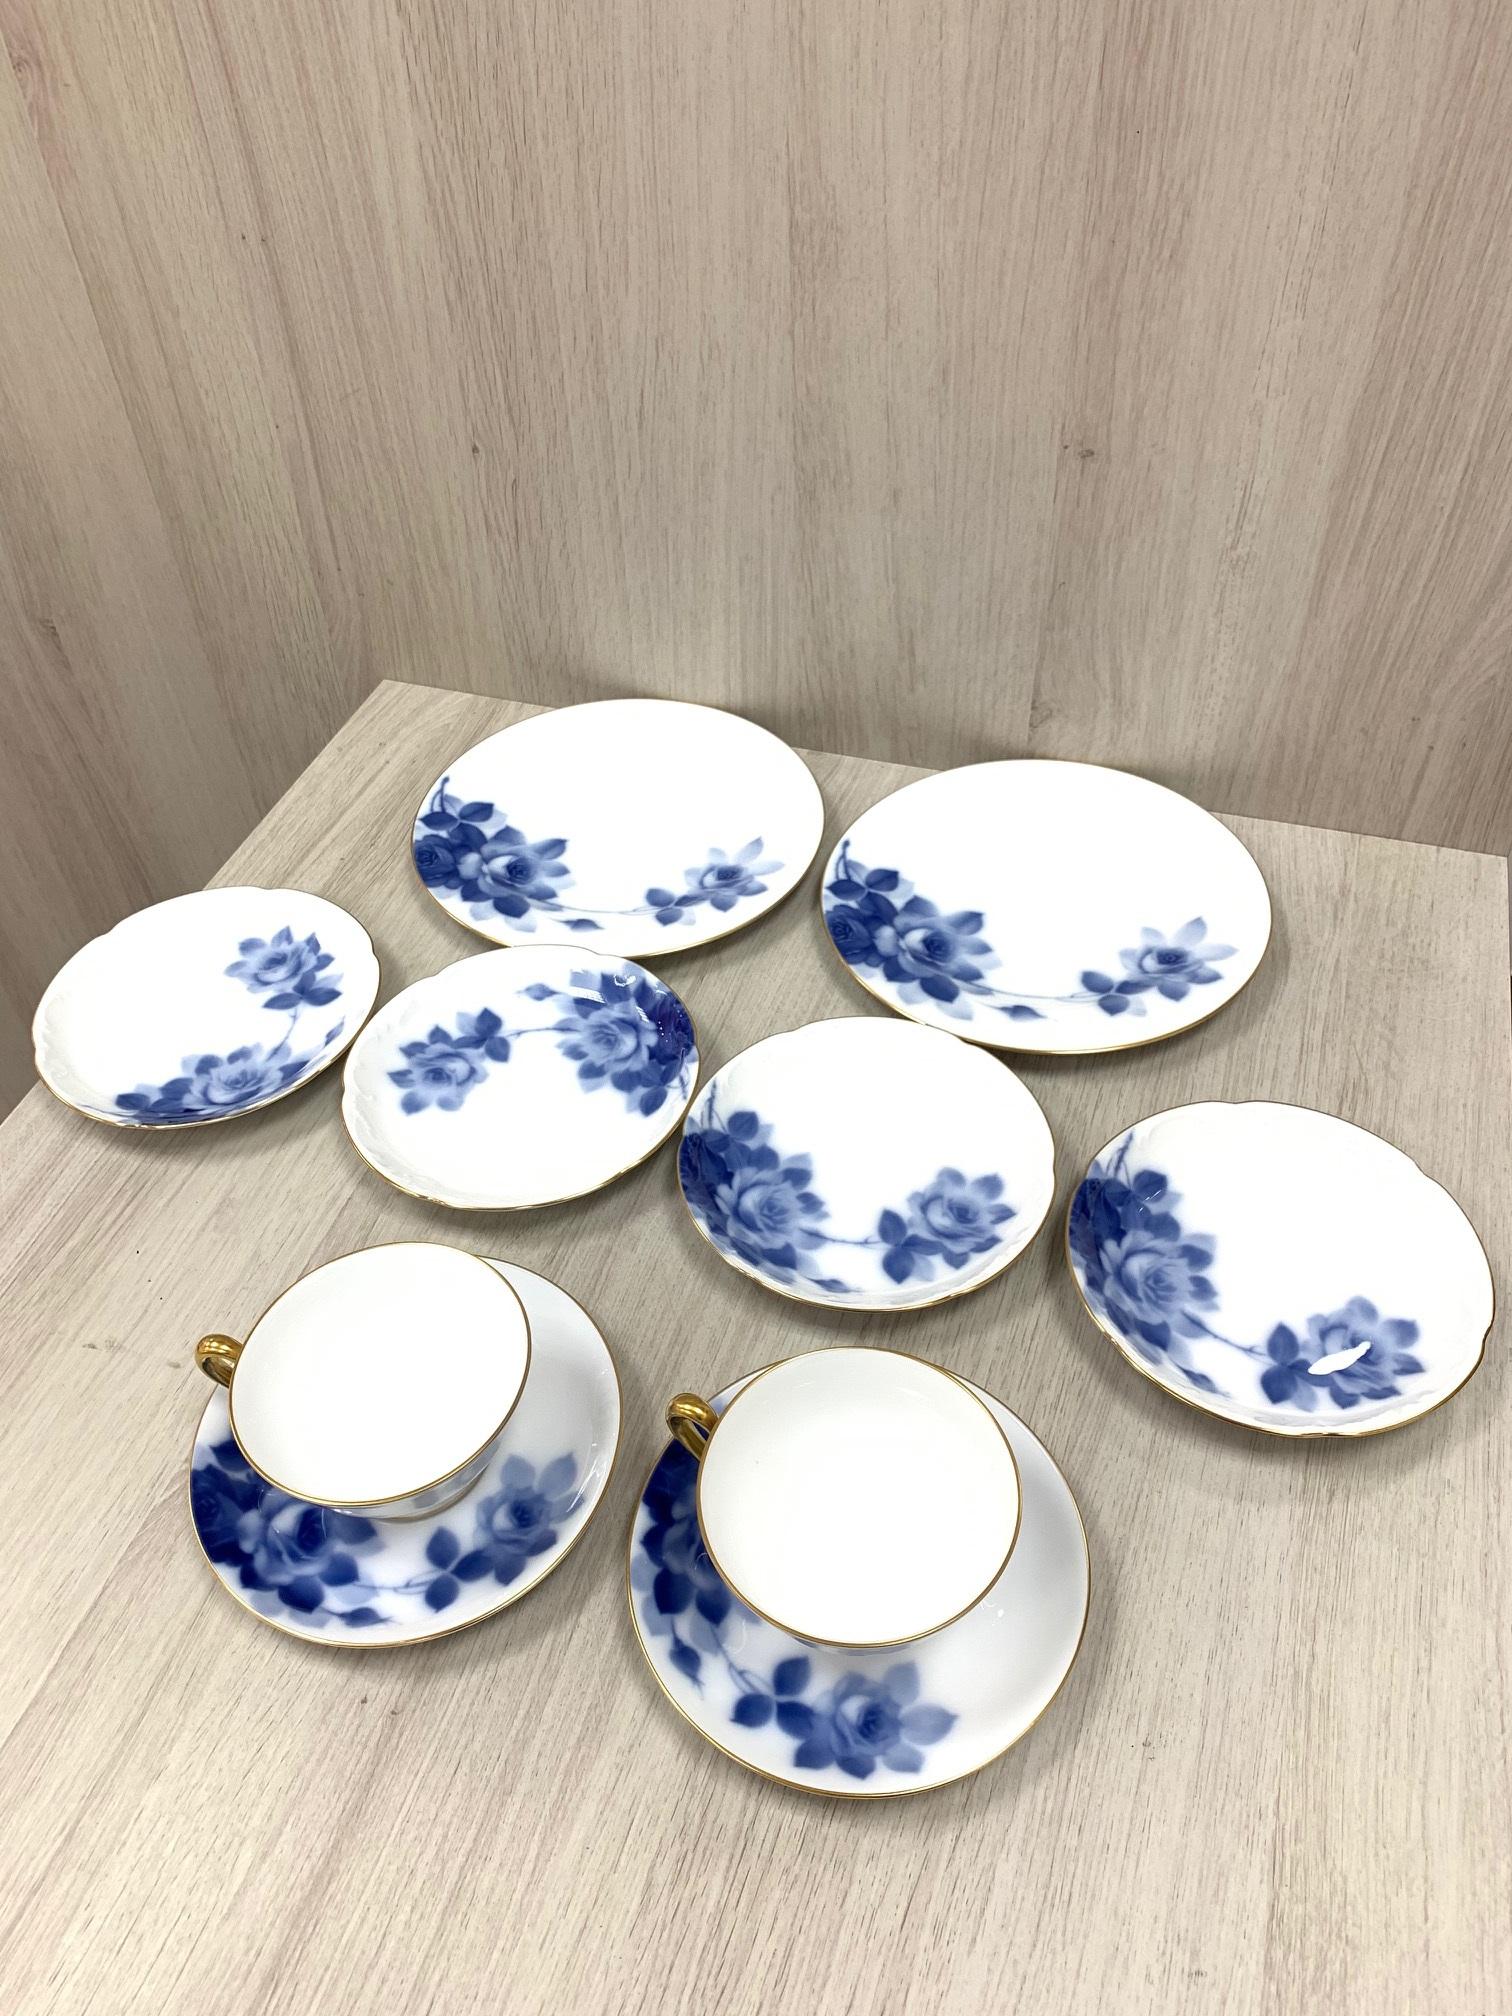 買取わかばイオン藤沢湘南ライフタウン店ブランド食器オークラブルーローズ食器セット高価買取させて頂きました!